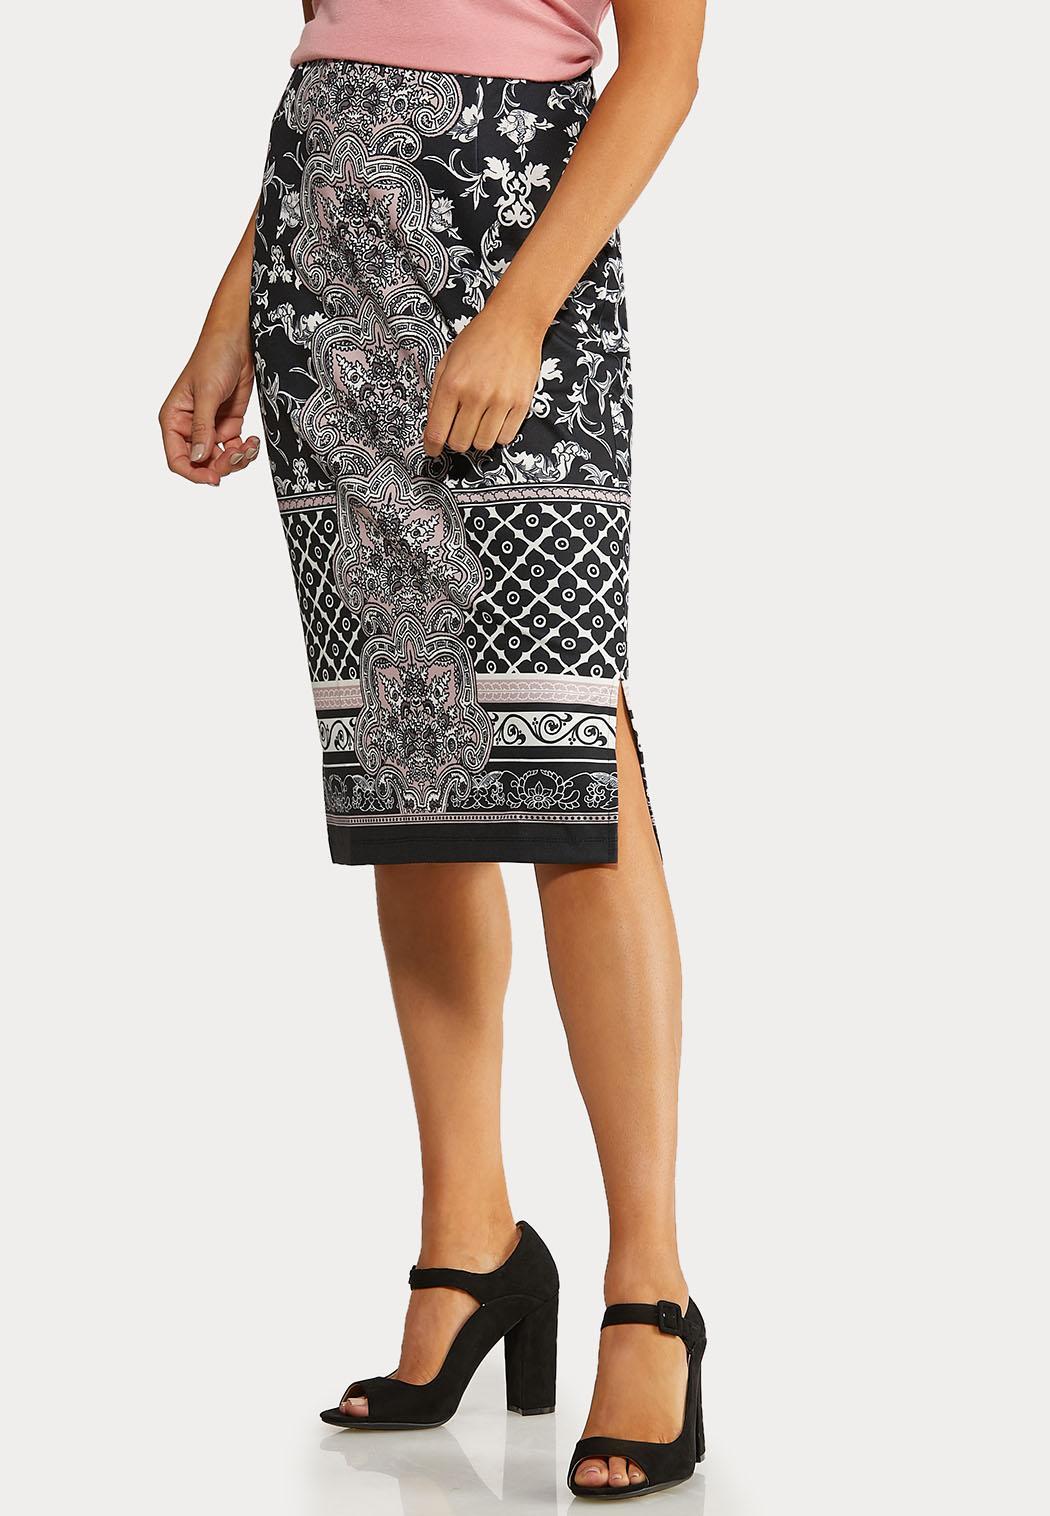 Damask Mix Pencil Skirt